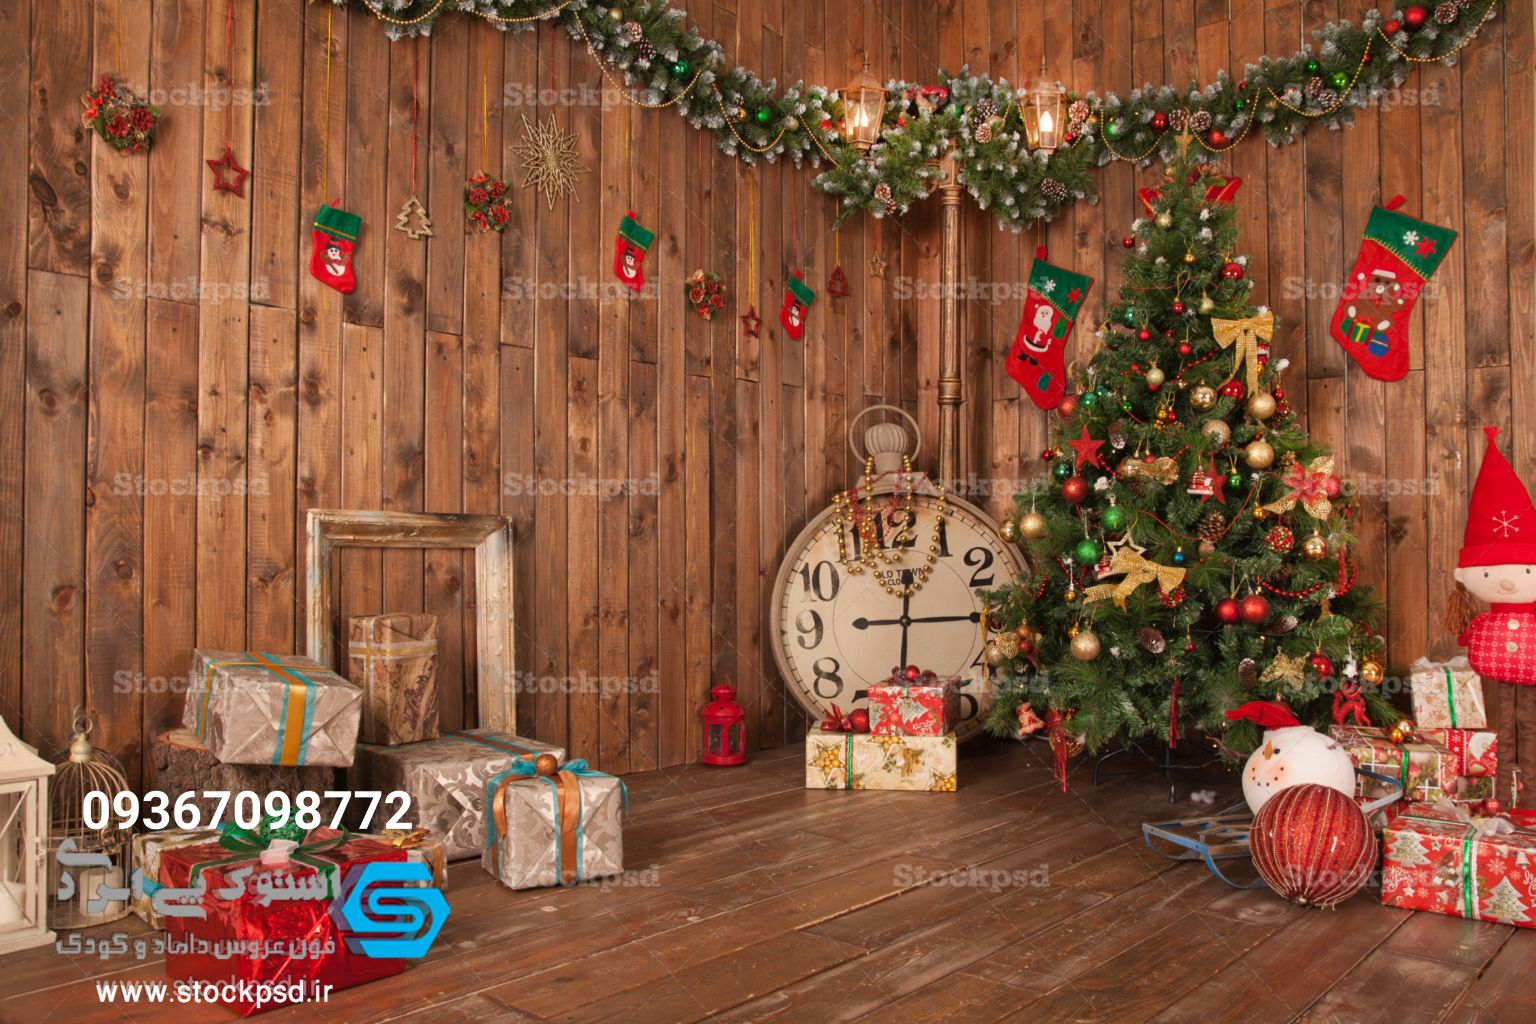 بک گراند آتلیه کریسمس